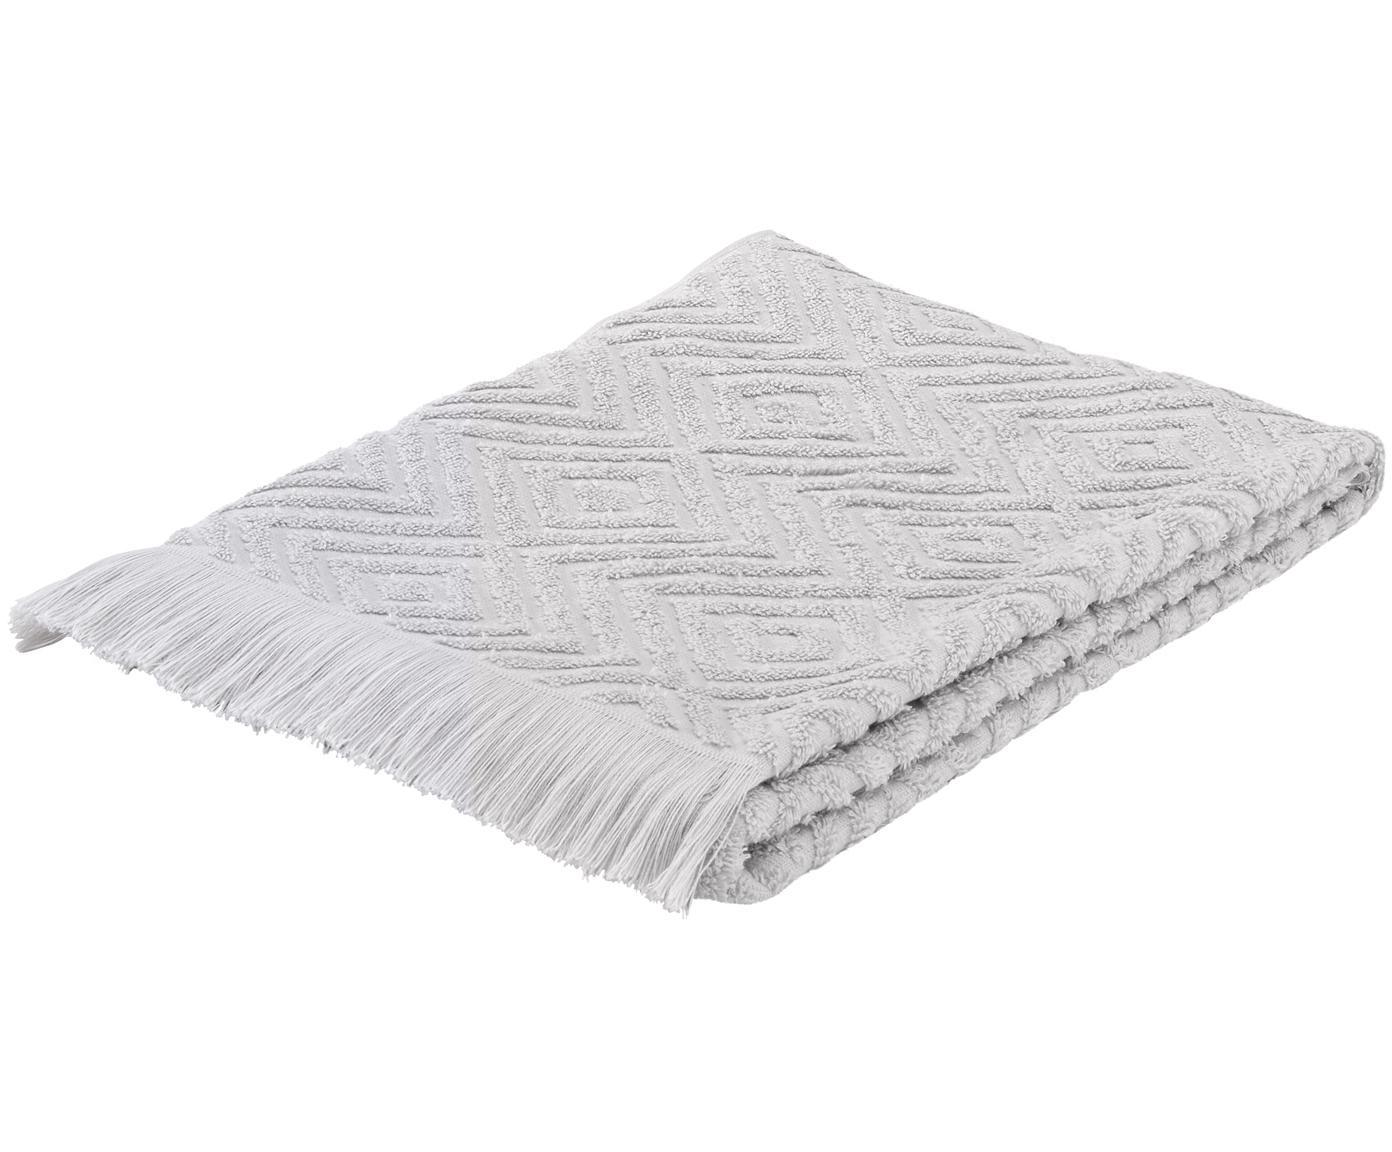 Handdoek Jacqui, 100% katoen, middelzware kwaliteit, 490 g/m², Lichtgrijs, Gästetüch